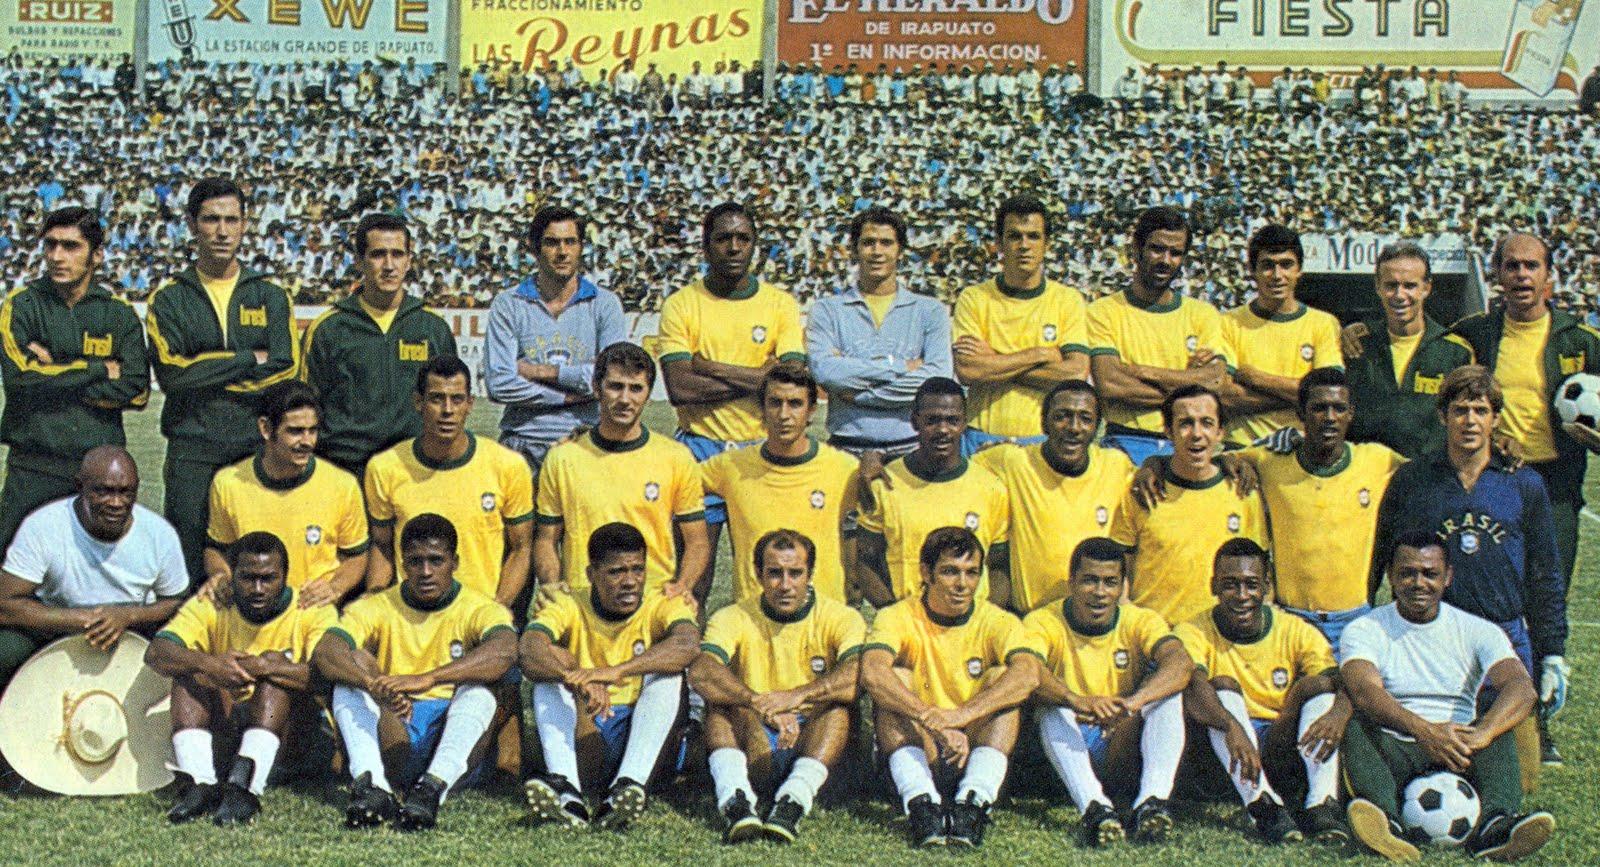 adba04e47b Diário Gauche  Pier Paolo Pasolini e a poesia do futebol brasileiro